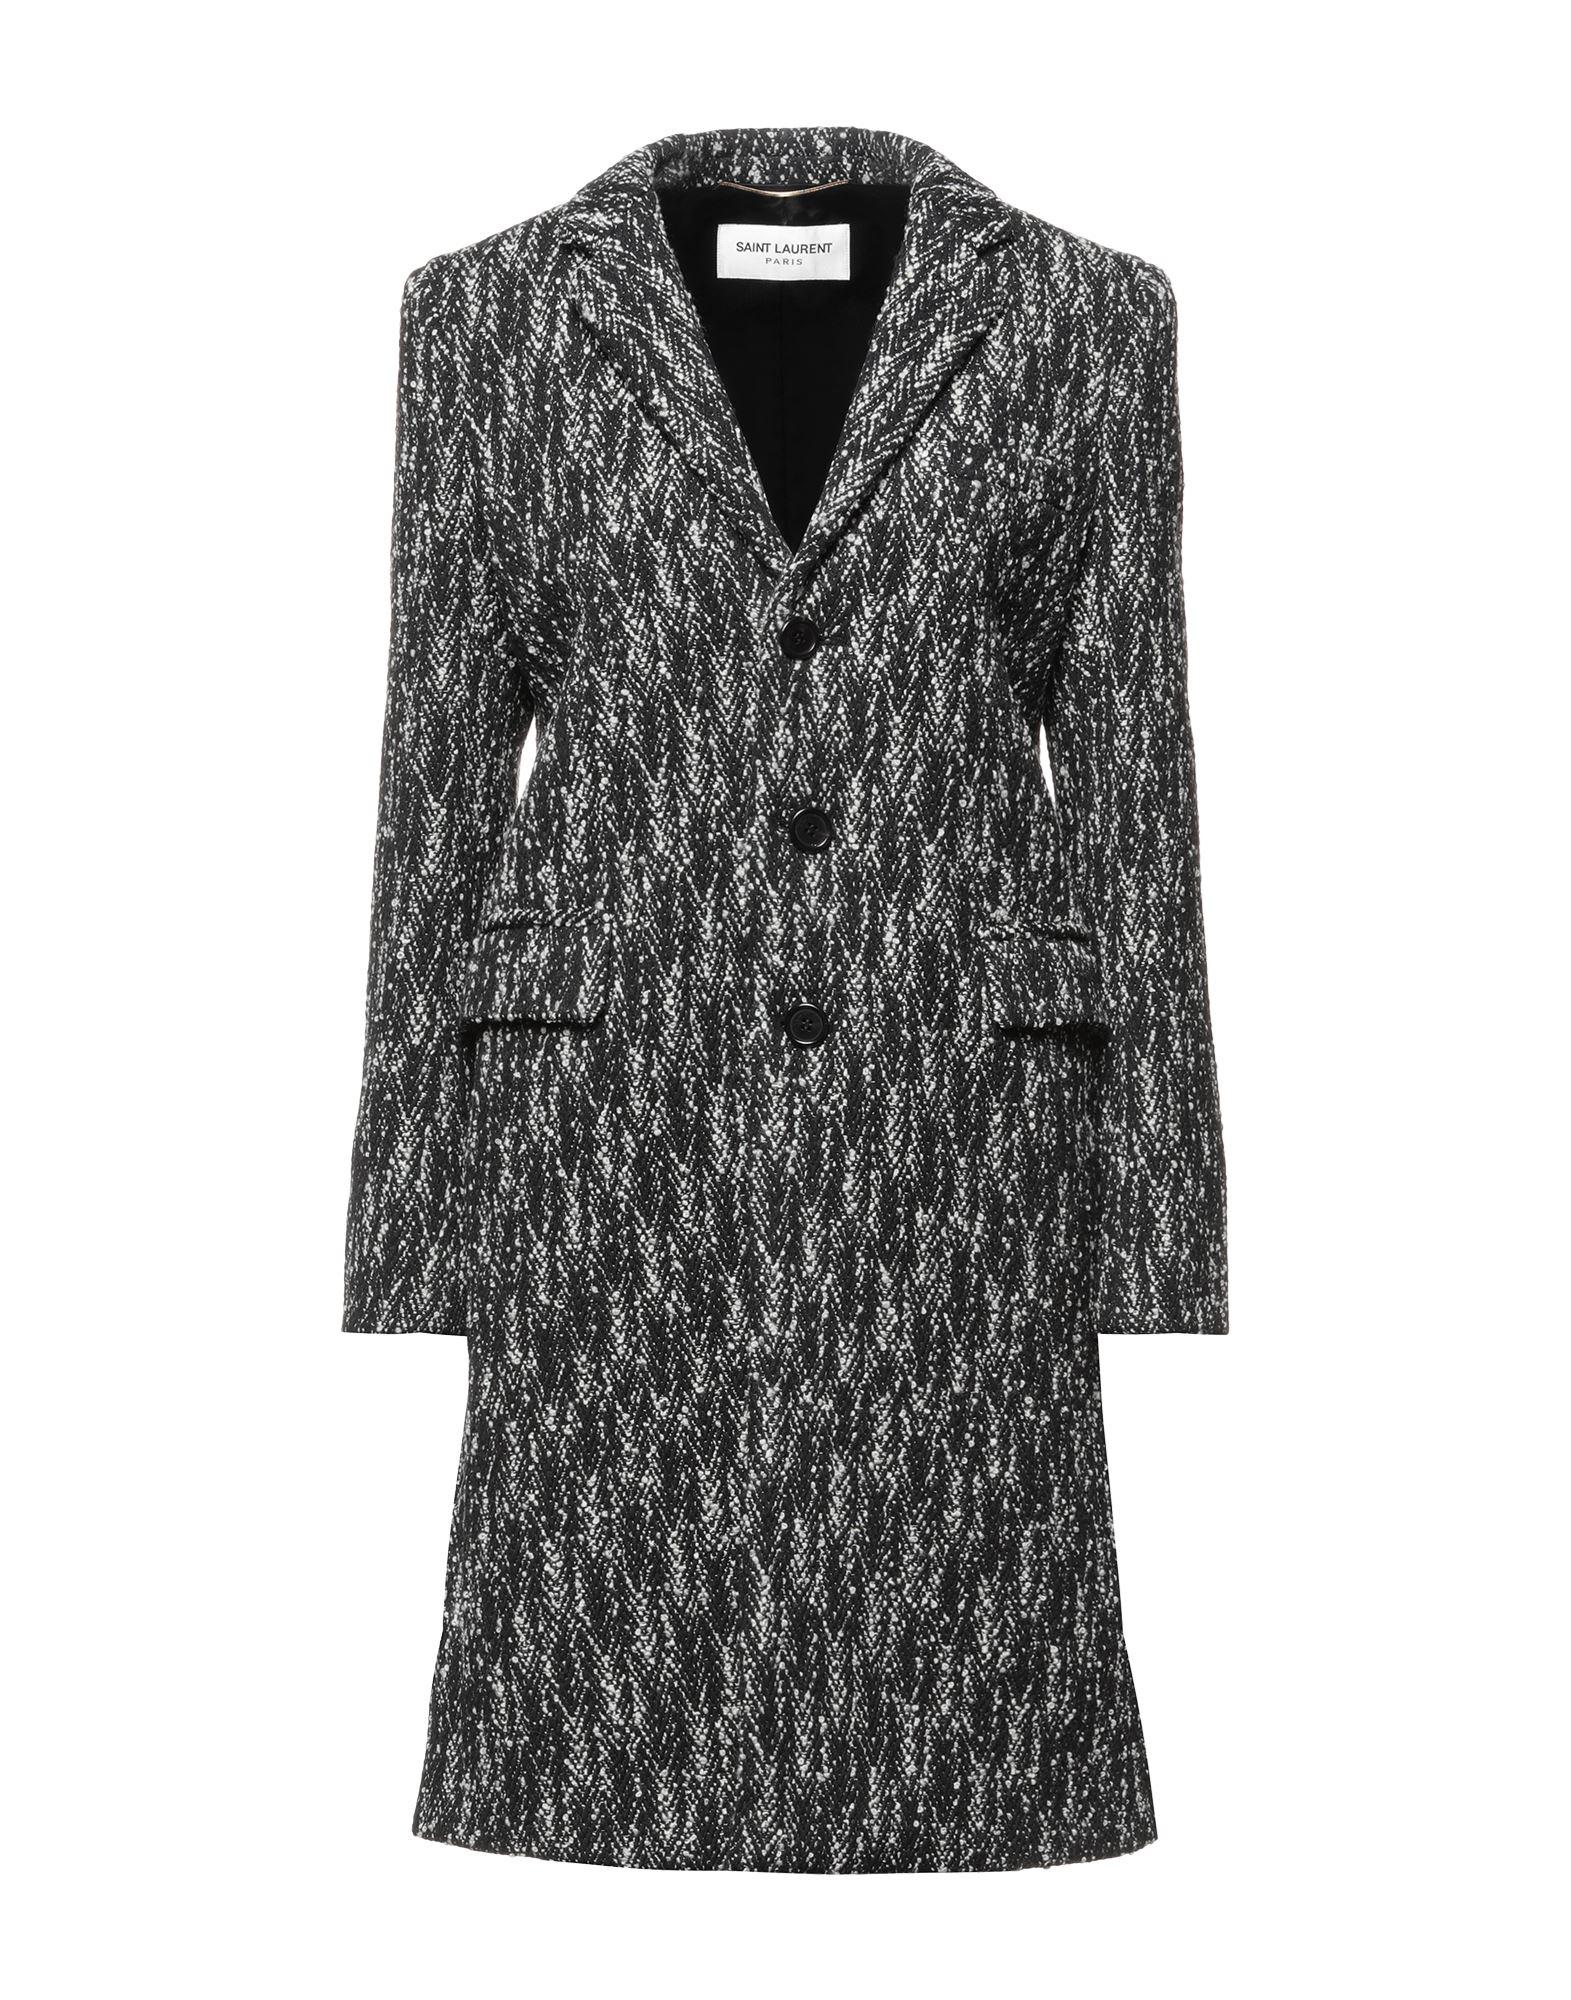 SAINT LAURENT Coats - Item 16013095